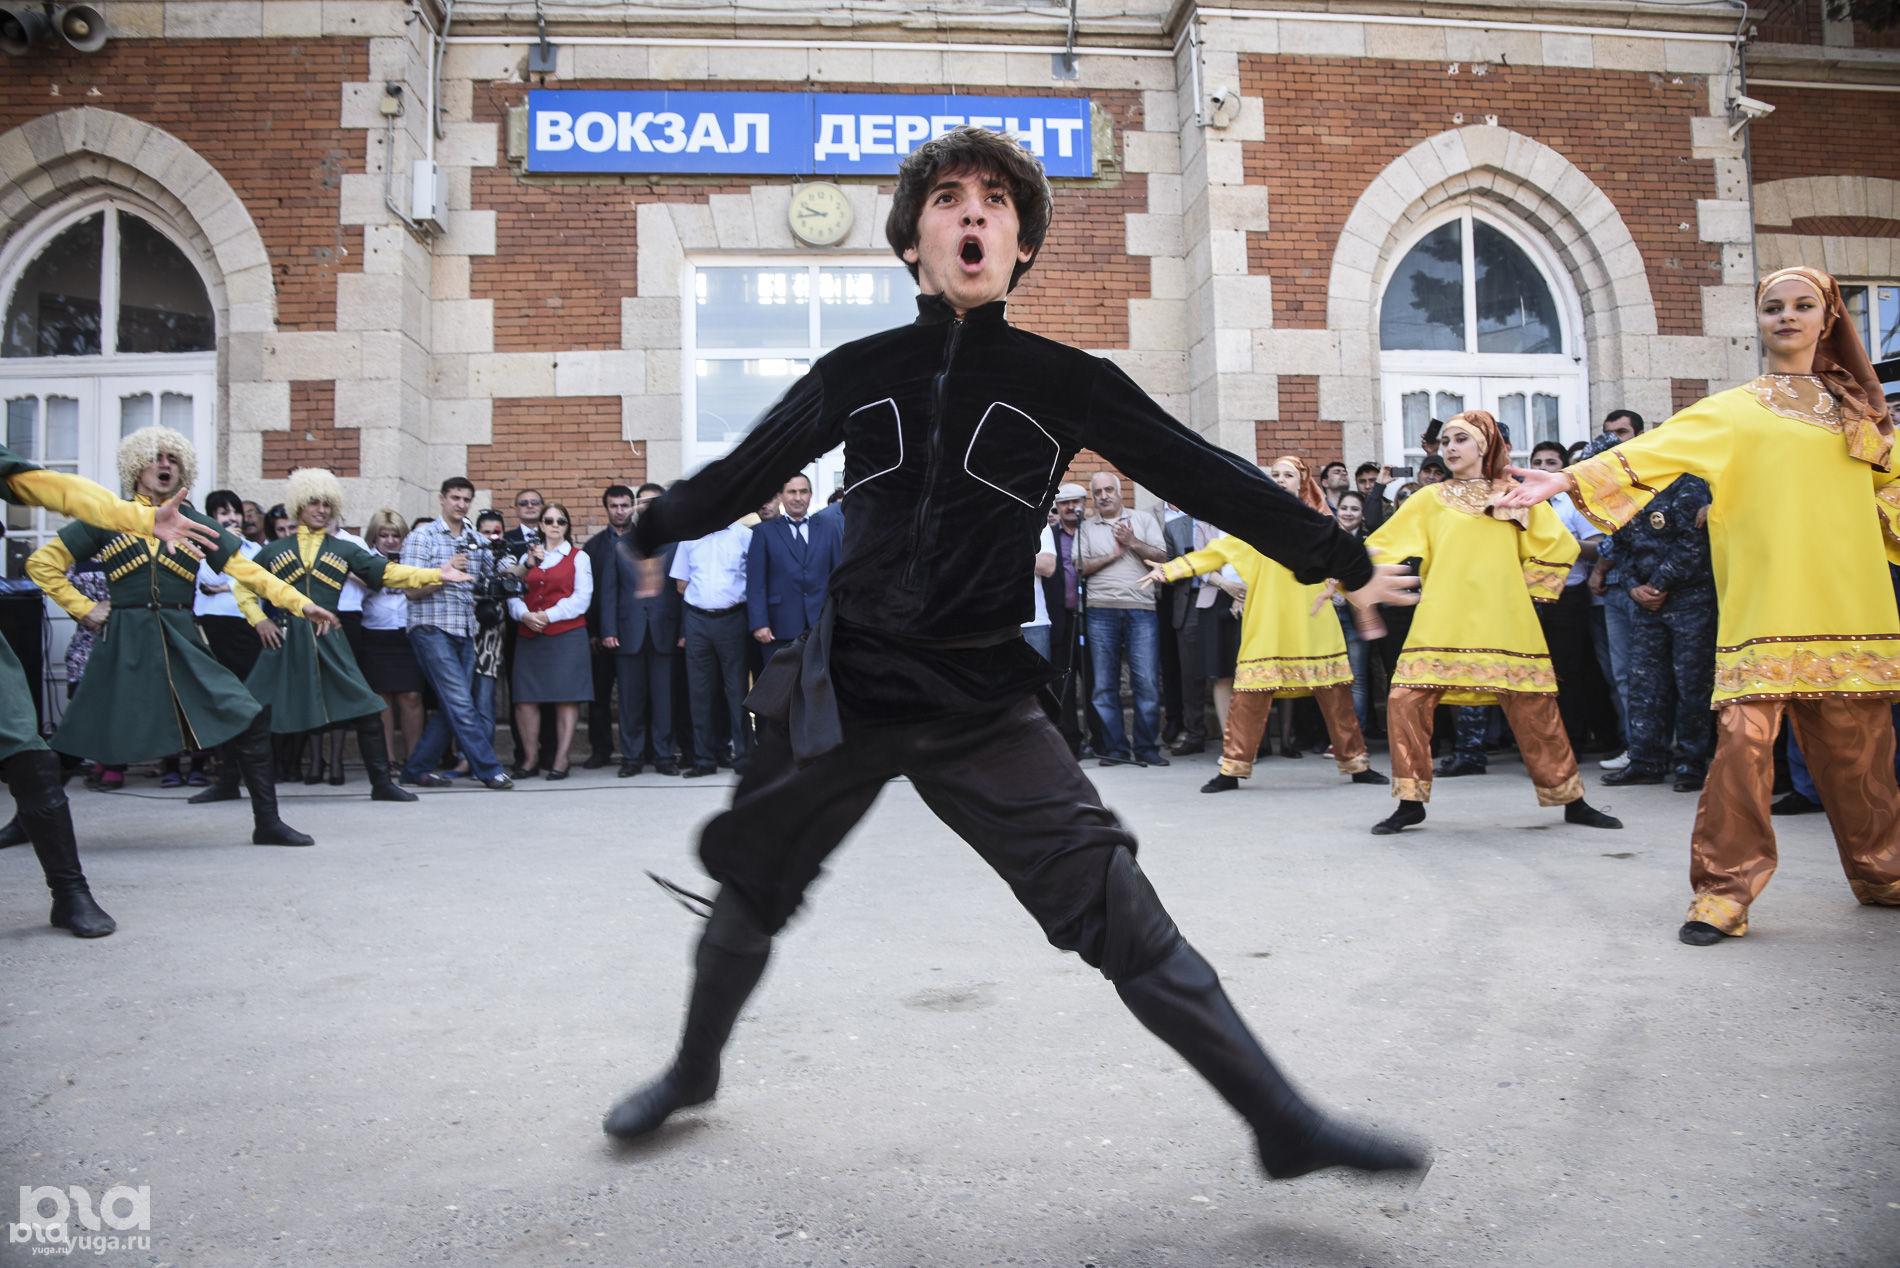 Ретро-поезд дружбы «Дербент-2000» ©Елена Синеок, ЮГА.ру